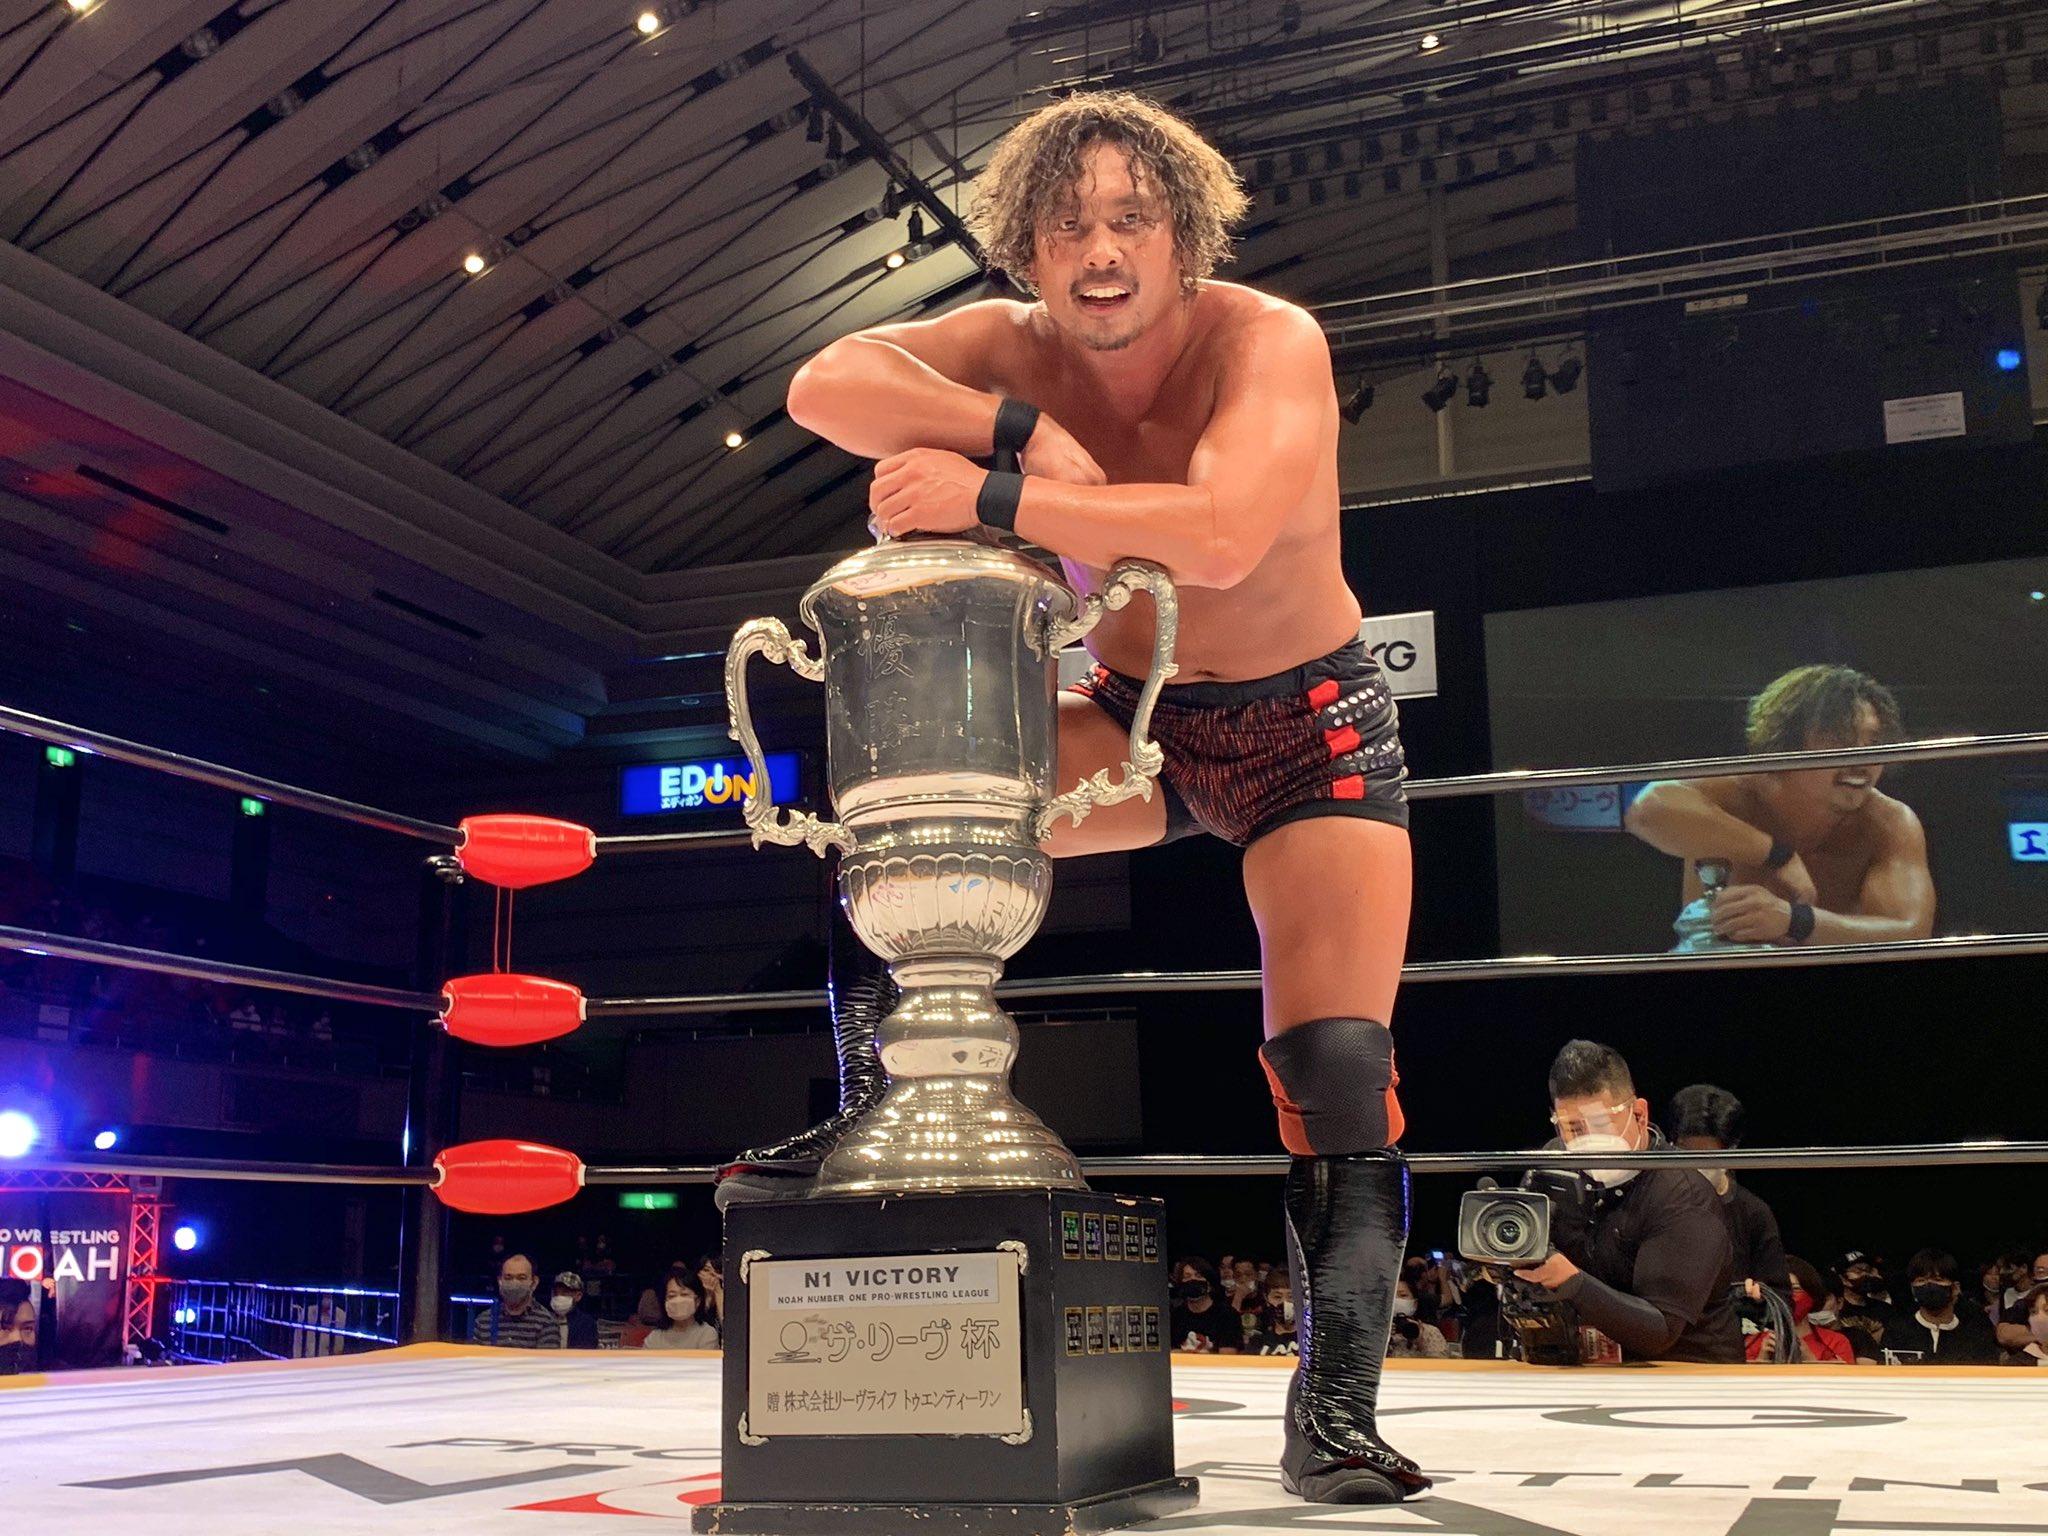 Nakajima N1 VICTORY